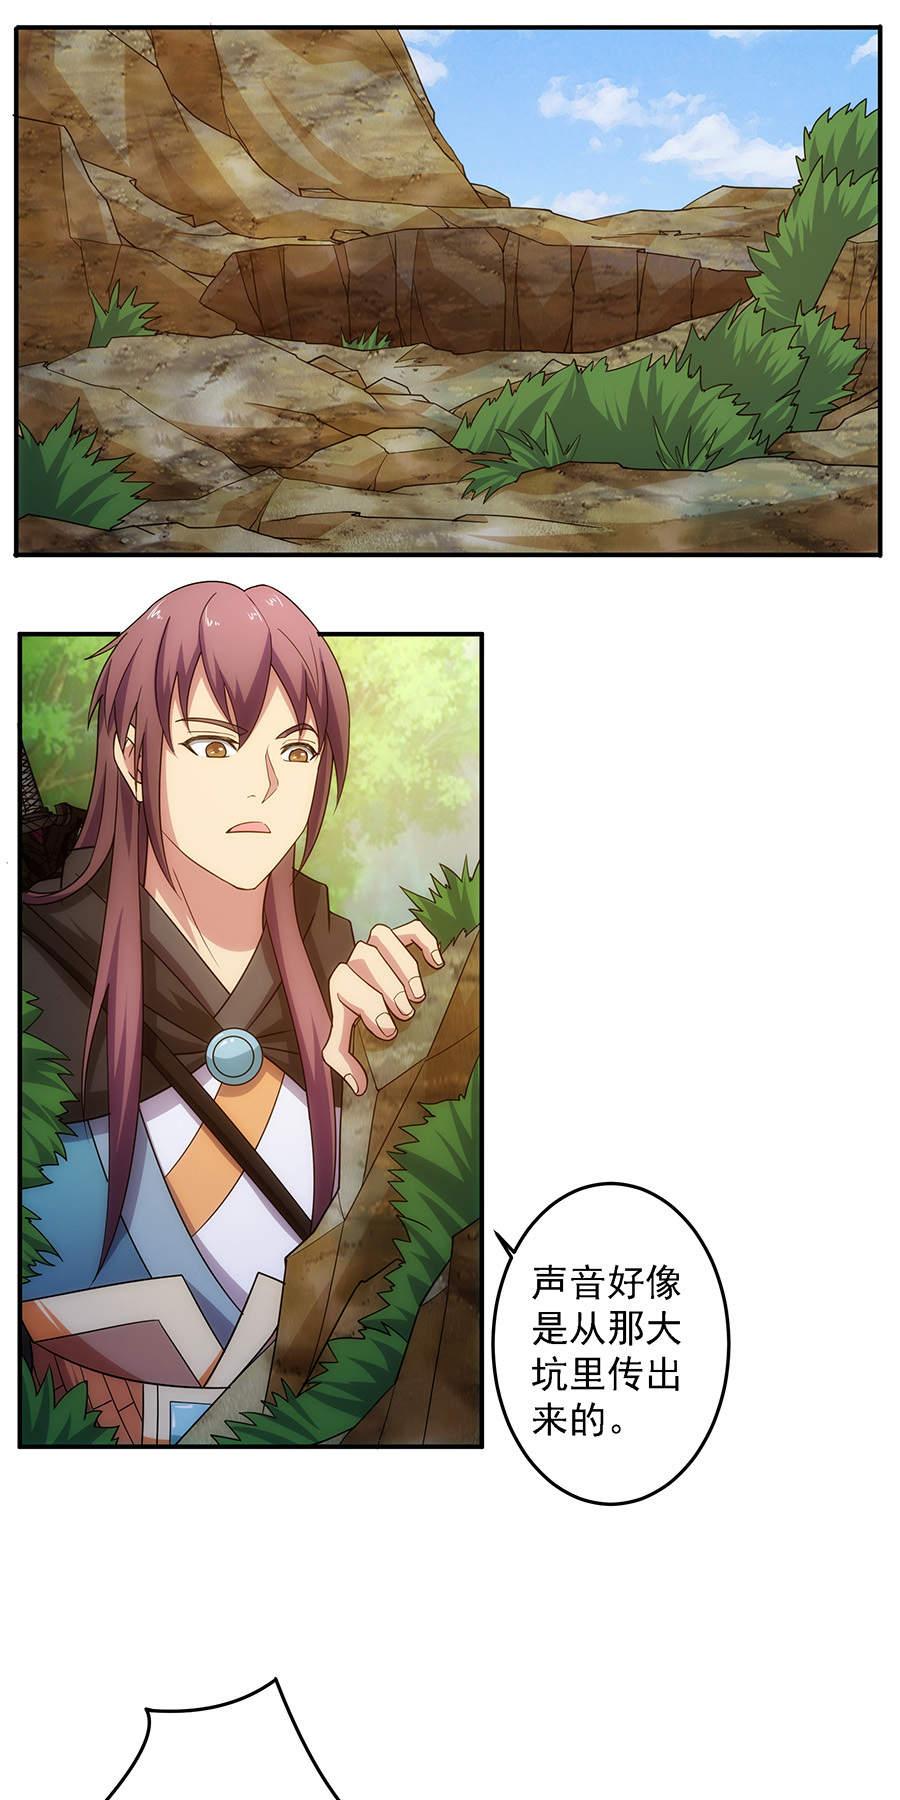 绝世剑神第35话  小叶小爷 第 2